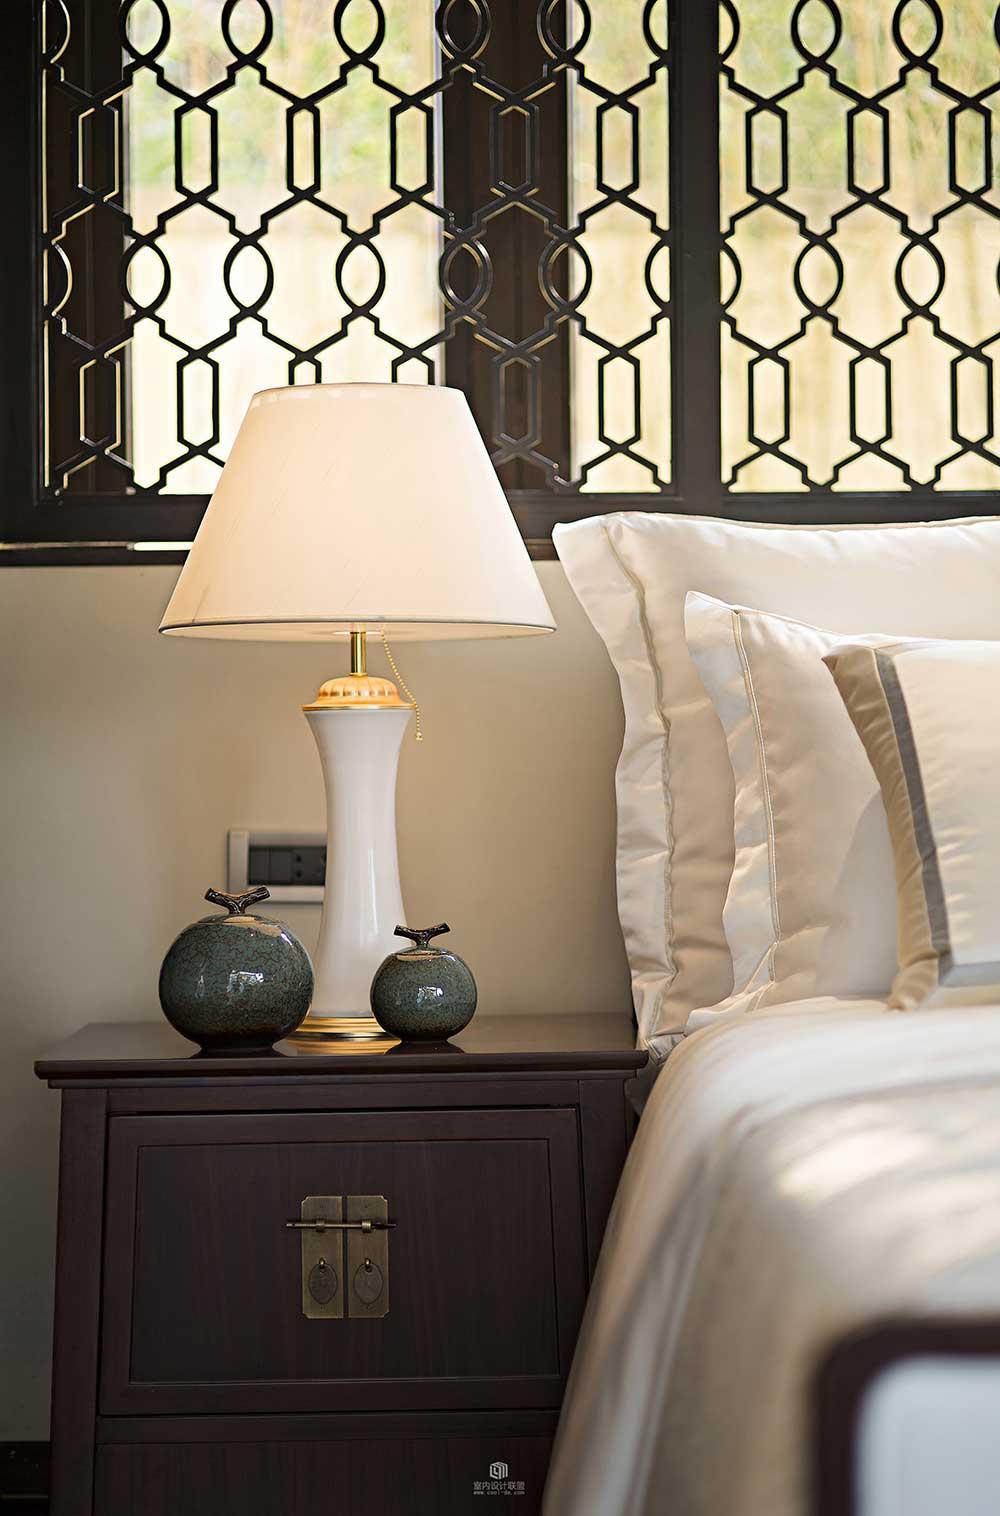 古典的楼花窗户精致典雅,改良的中式床头柜搭配精致插锁十分有韵味。